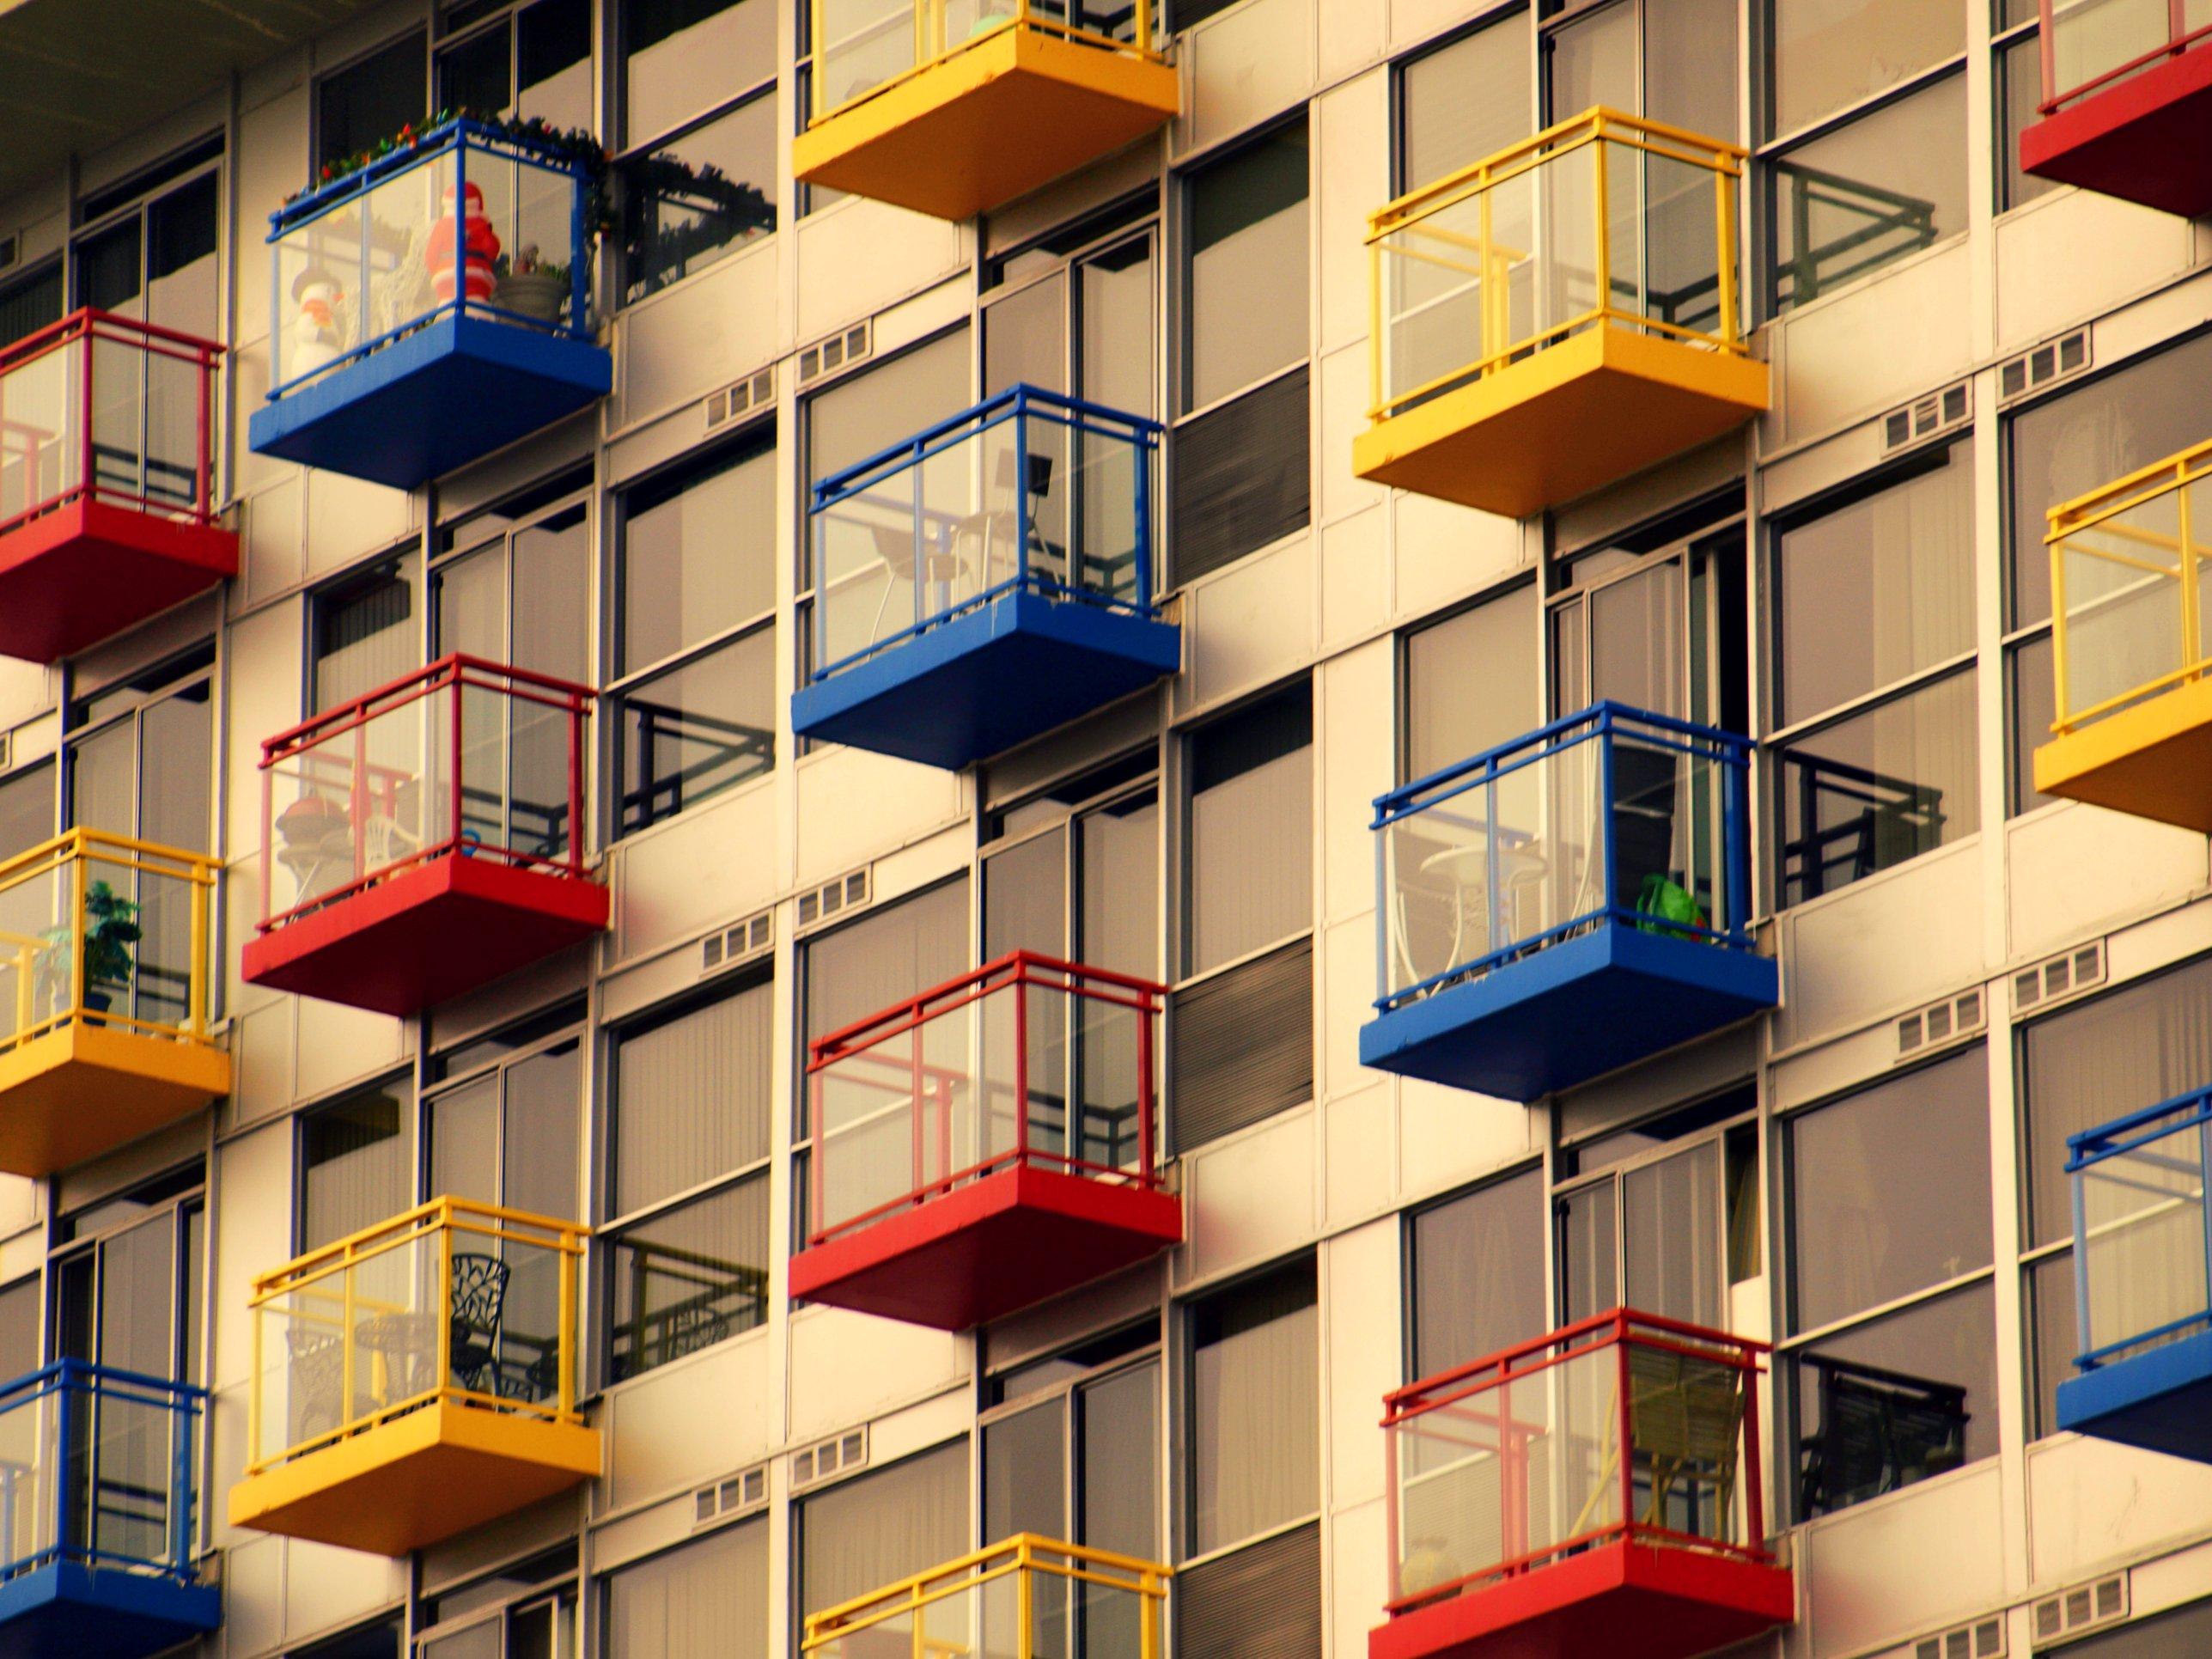 самые необычные балконы фото наконец, северную столицу